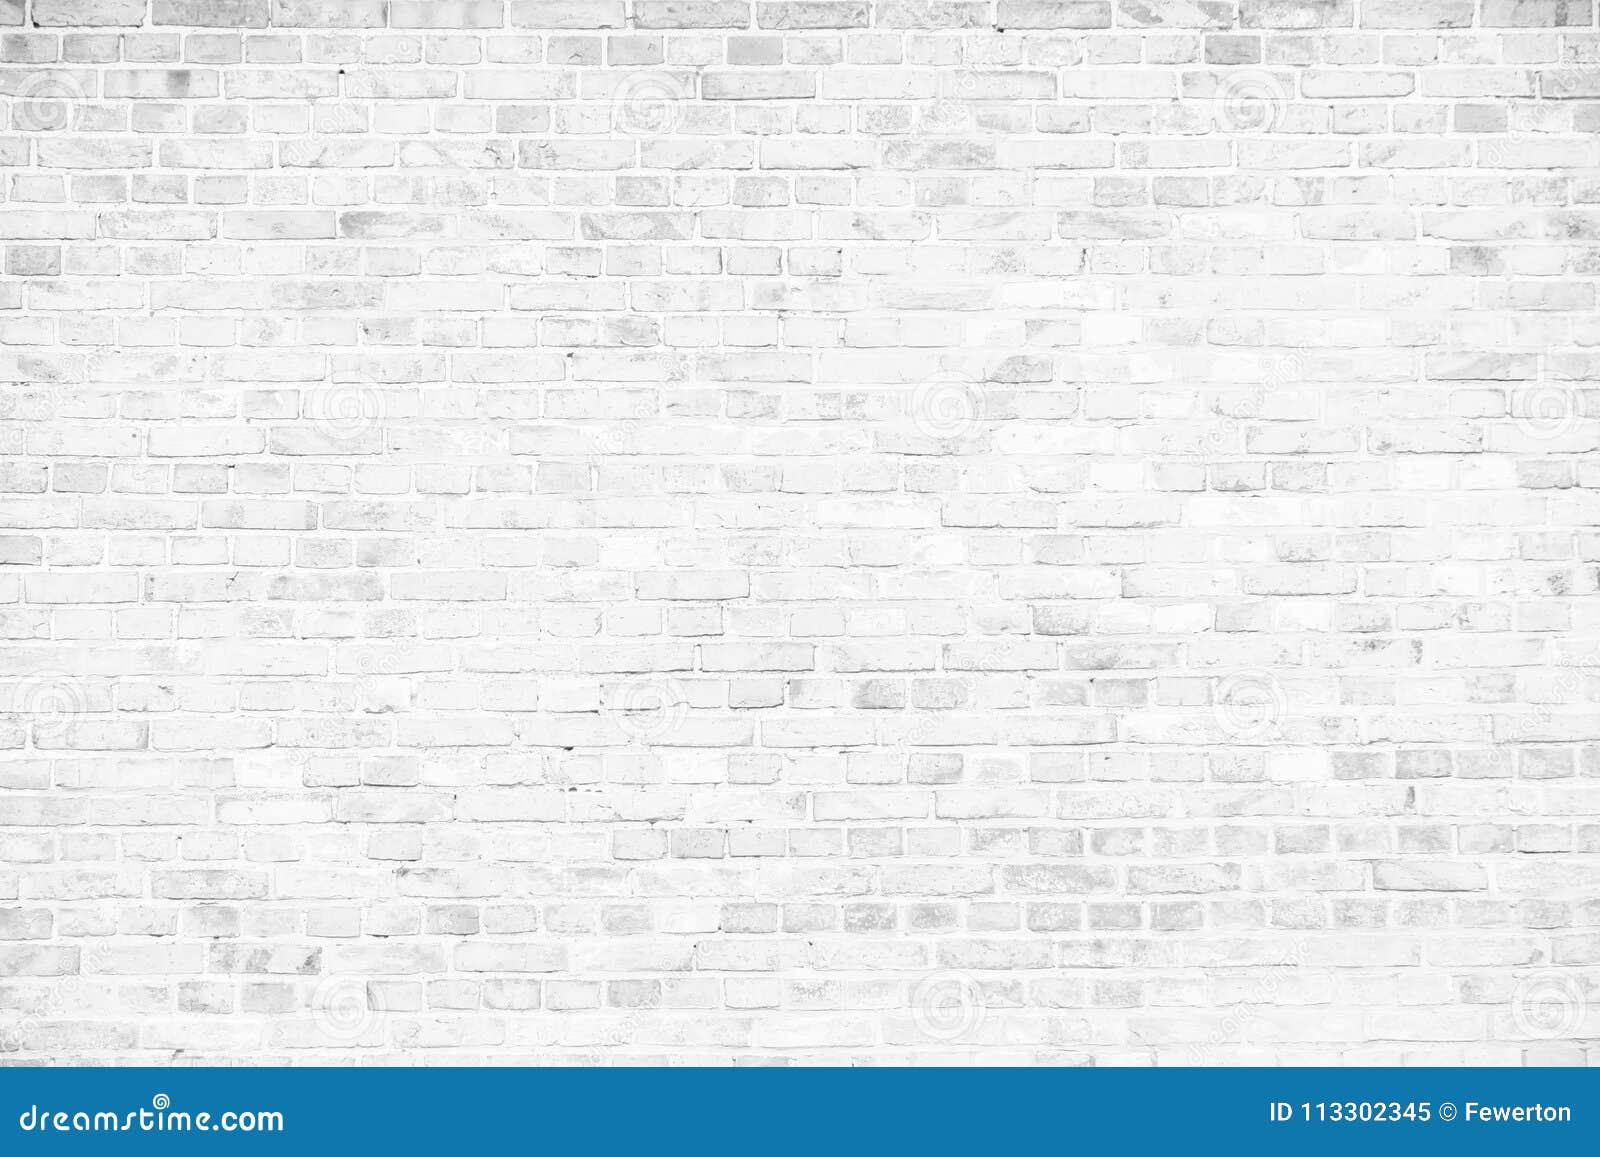 Απλός βρώμικος άσπρος τουβλότοιχος ως άνευ ραφής υπόβαθρο σύστασης σχεδίων